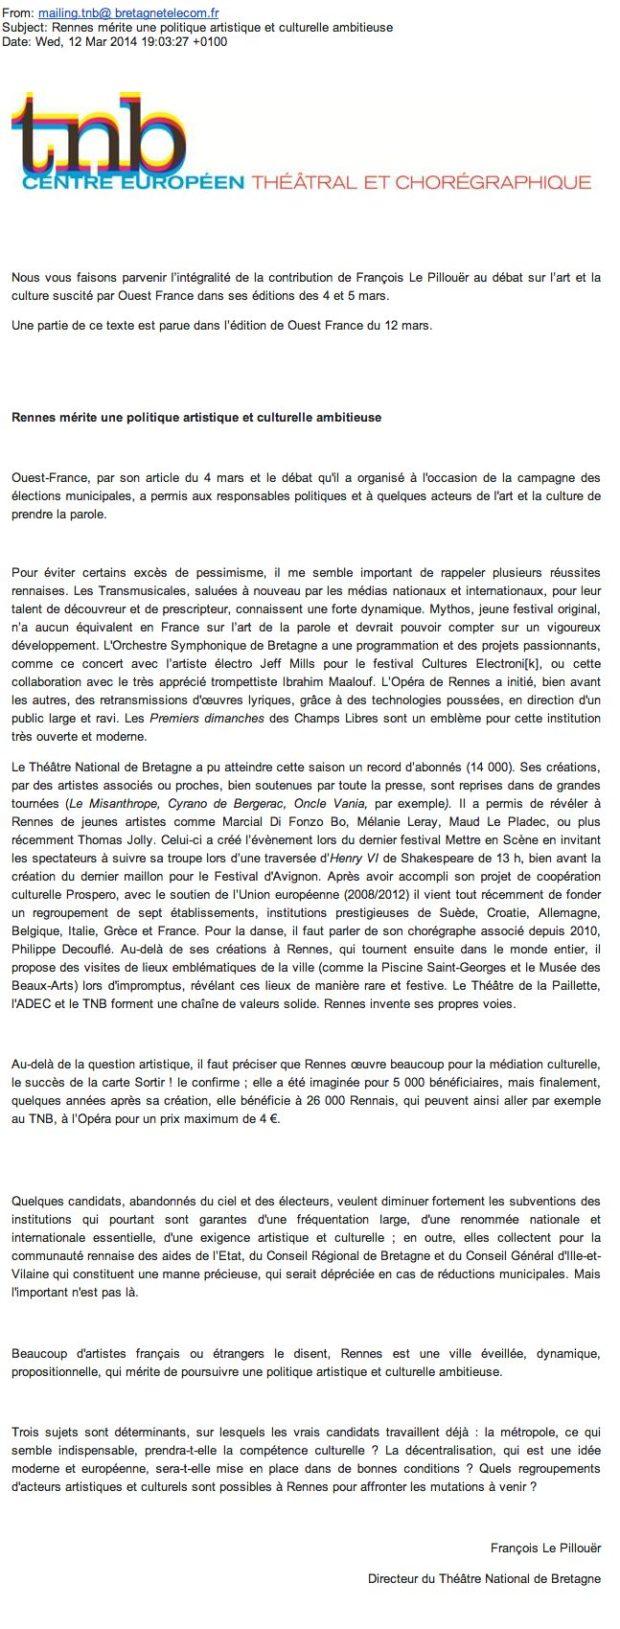 lettre, tnb, le pillouer, parti socialiste, nathalie appéré, ps